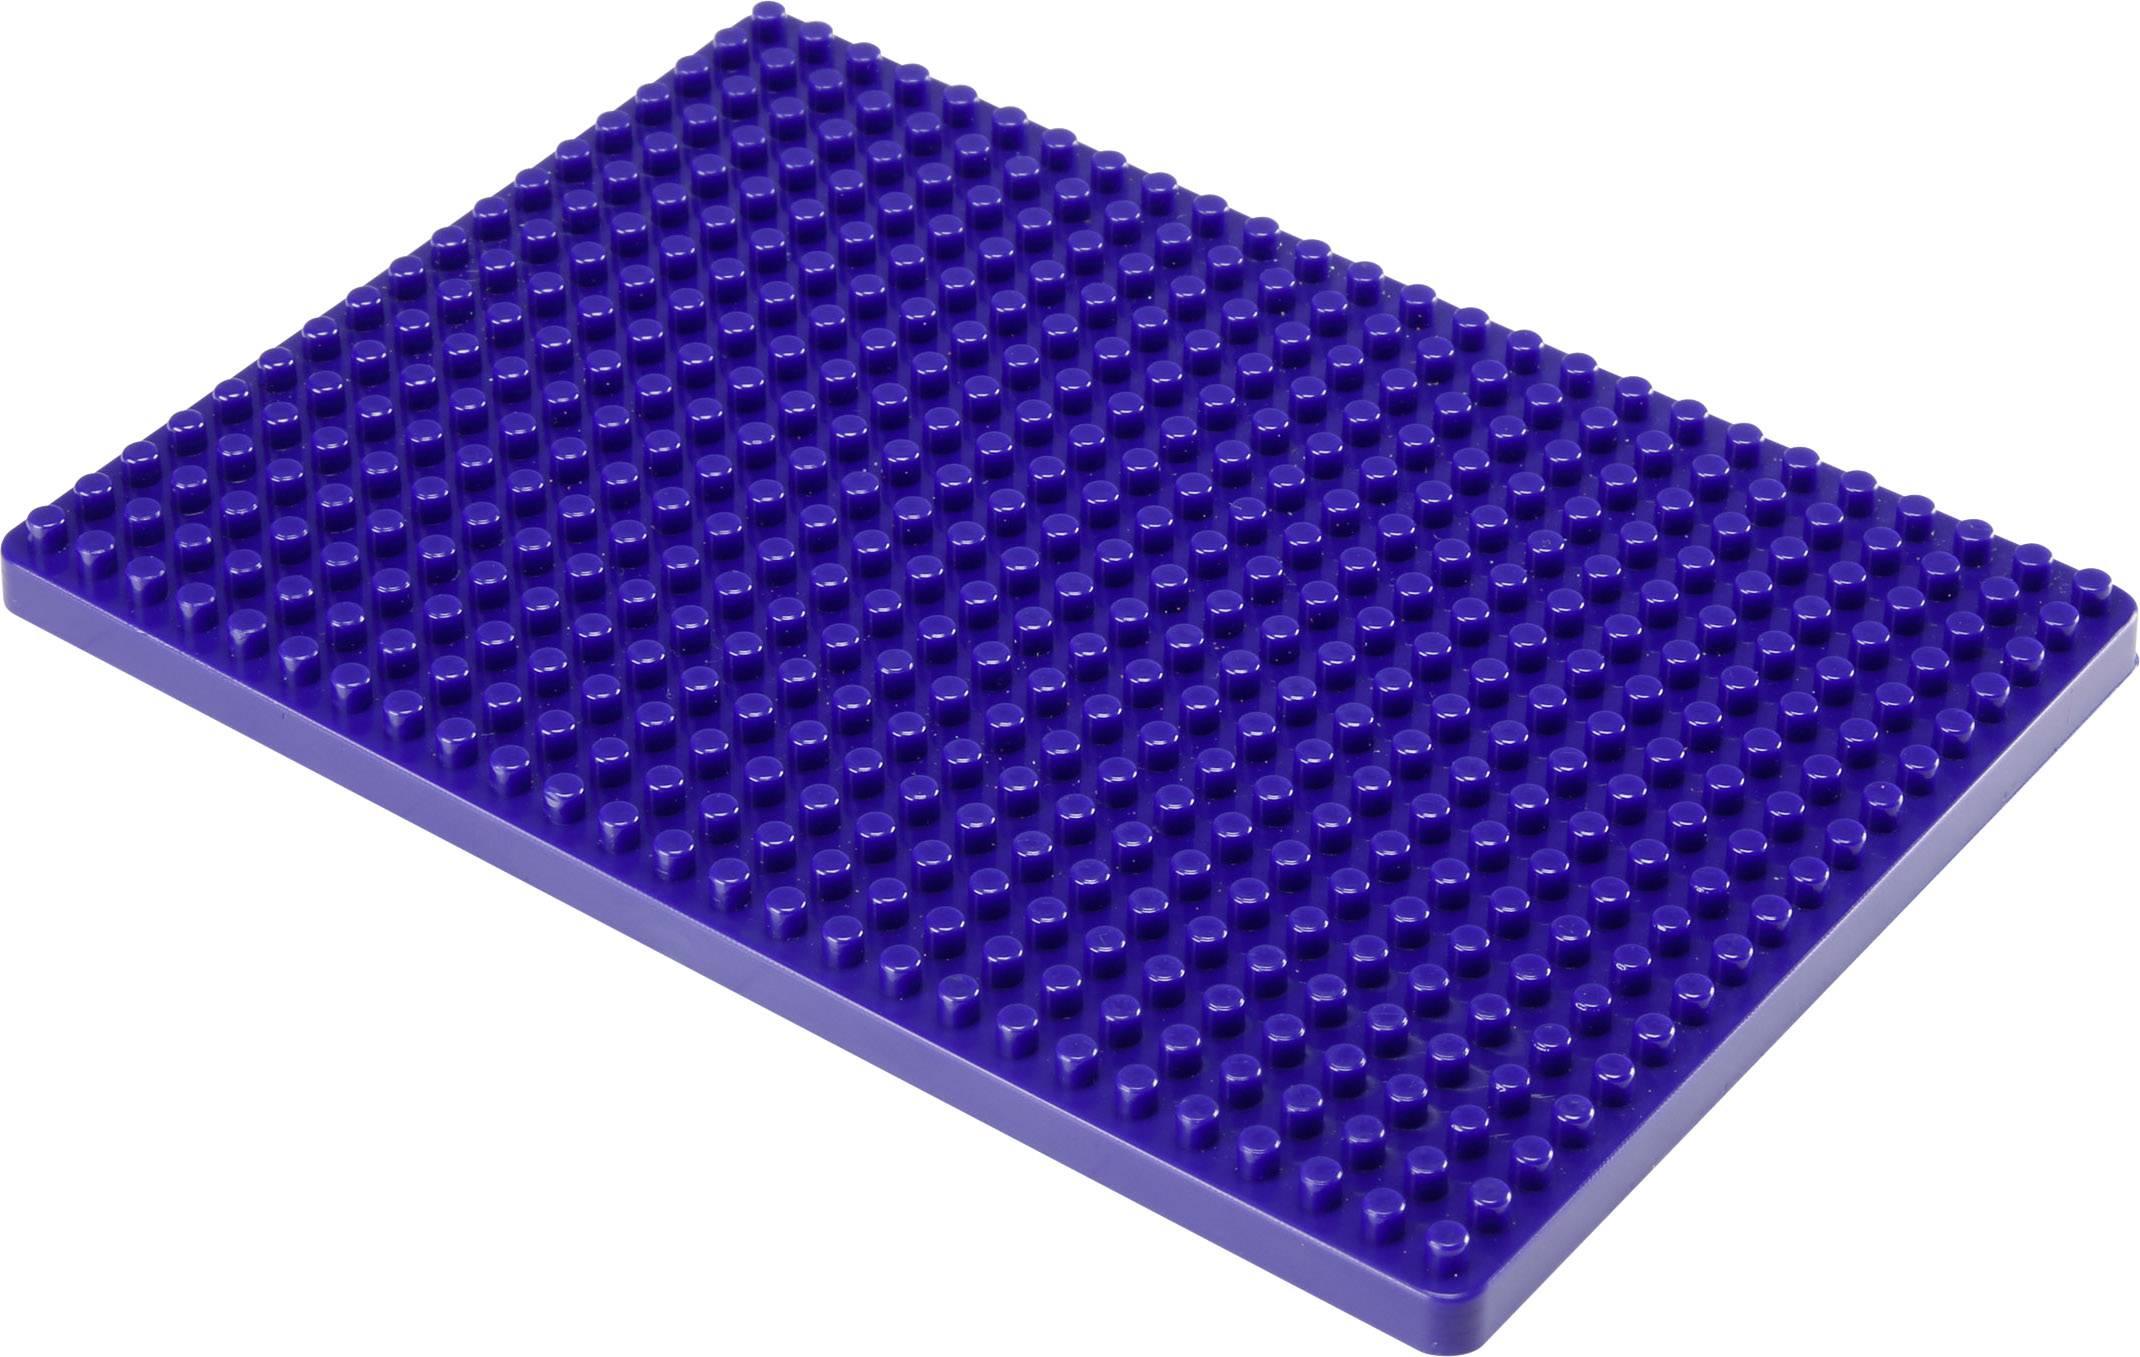 Montážní deska pro nepájivé kontaktní pole Conrad Components modrá, Počet pólů 468, (d x š) 132 mm x 92 mm, 1 ks